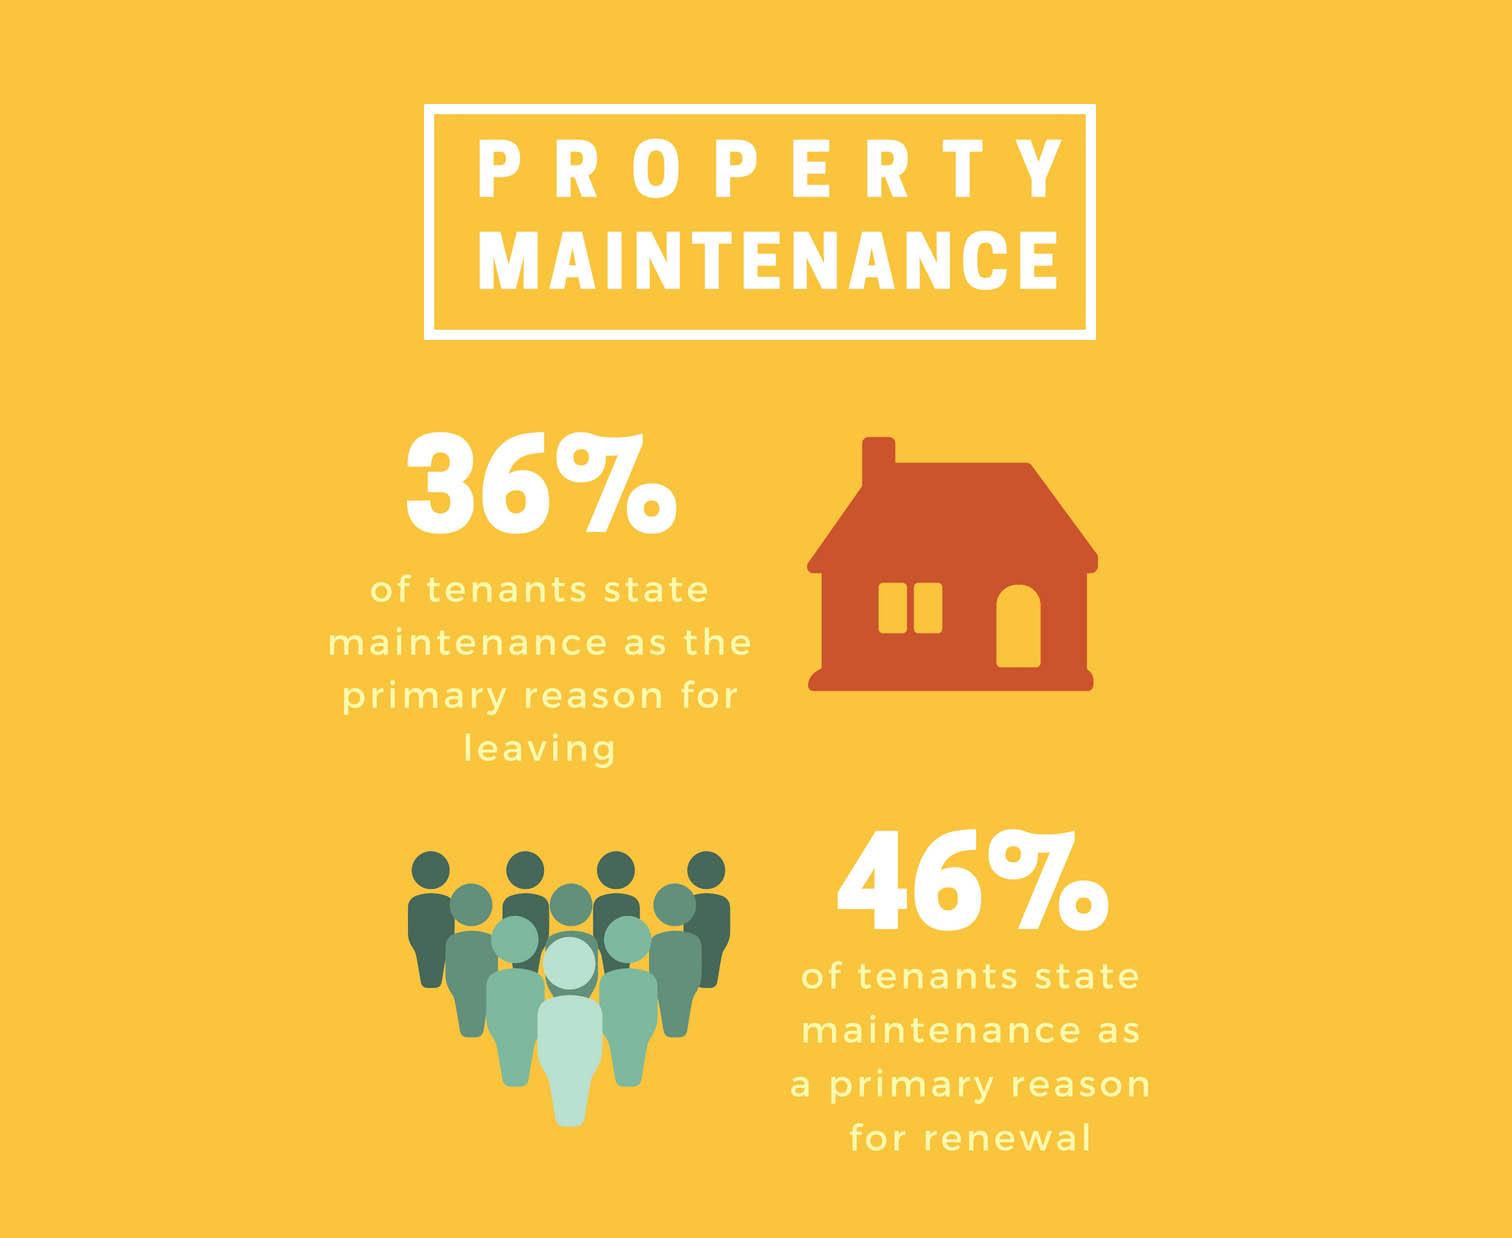 world-class maintenance manager statistics